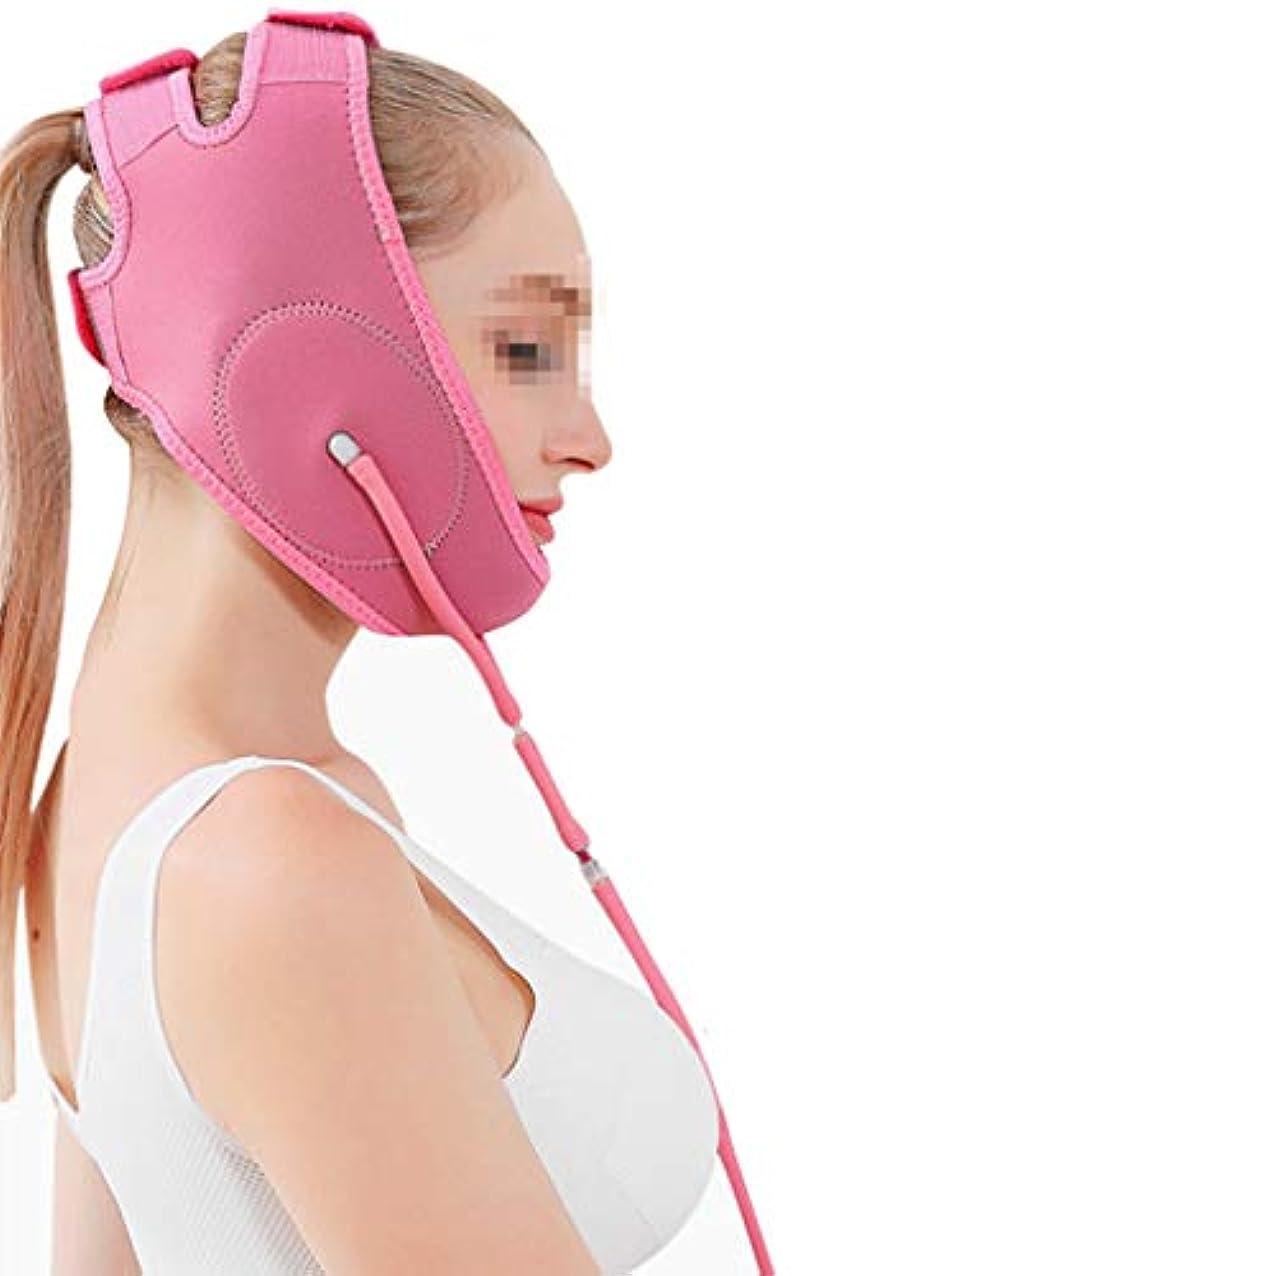 衝突コース契約したヨーロッパXHLMRMJ 空気圧薄いフェイスベルト、マスク小さなVフェイス圧力リフティングシェーピングかみ傷筋肉引き締めパターン二重あご包帯薄いフェイス包帯マルチカラーオプション (Color : Pink)